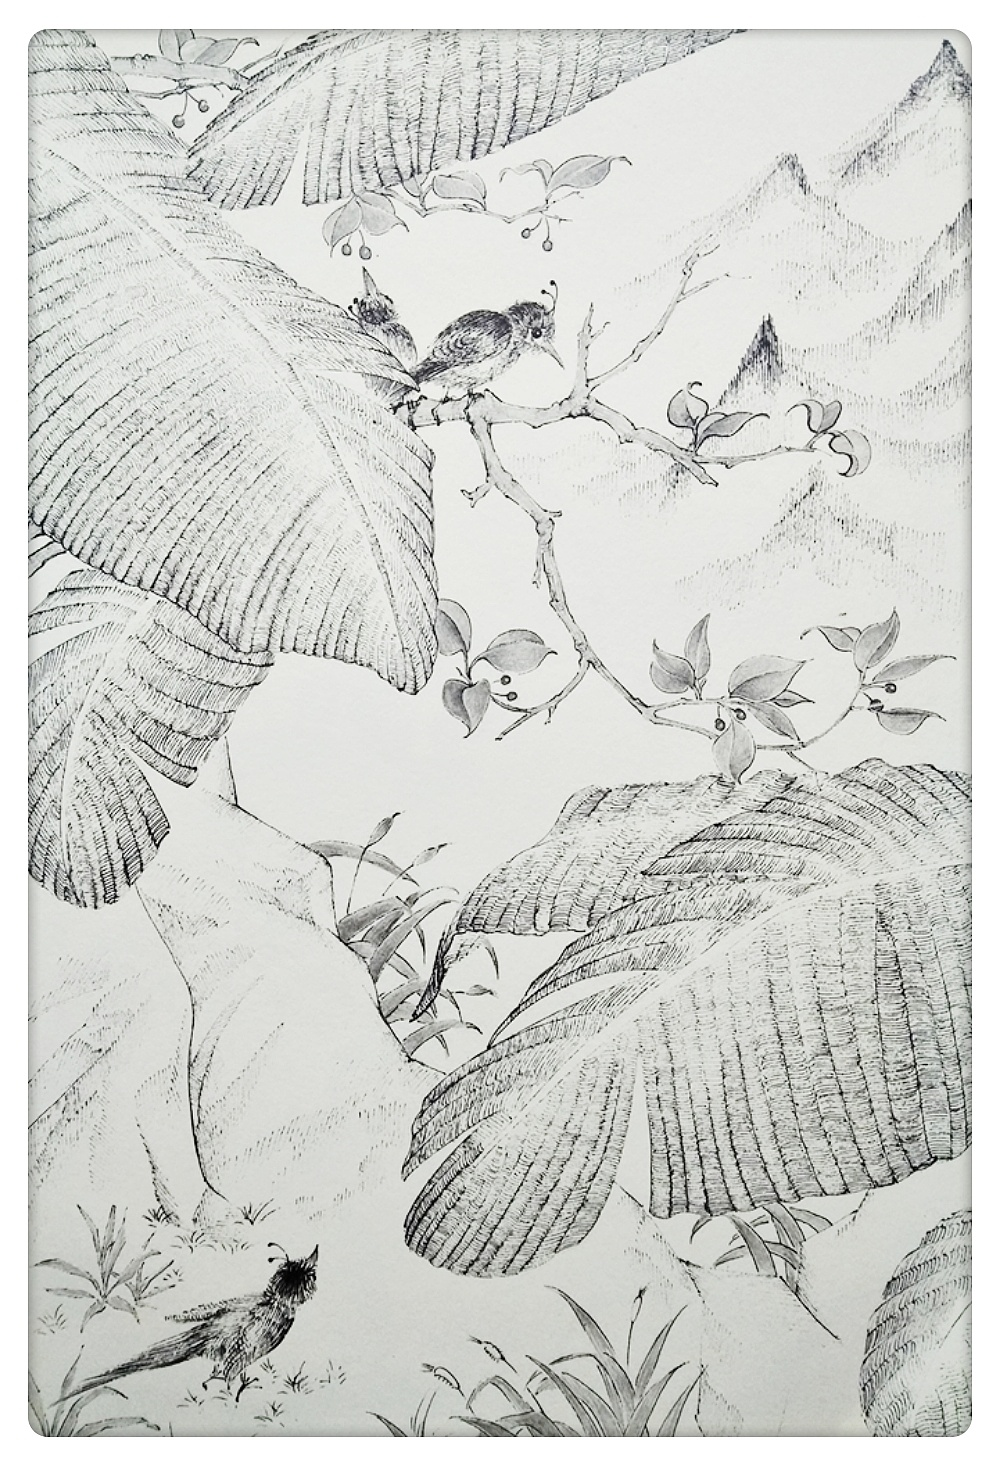 黑白线描风景插画图片